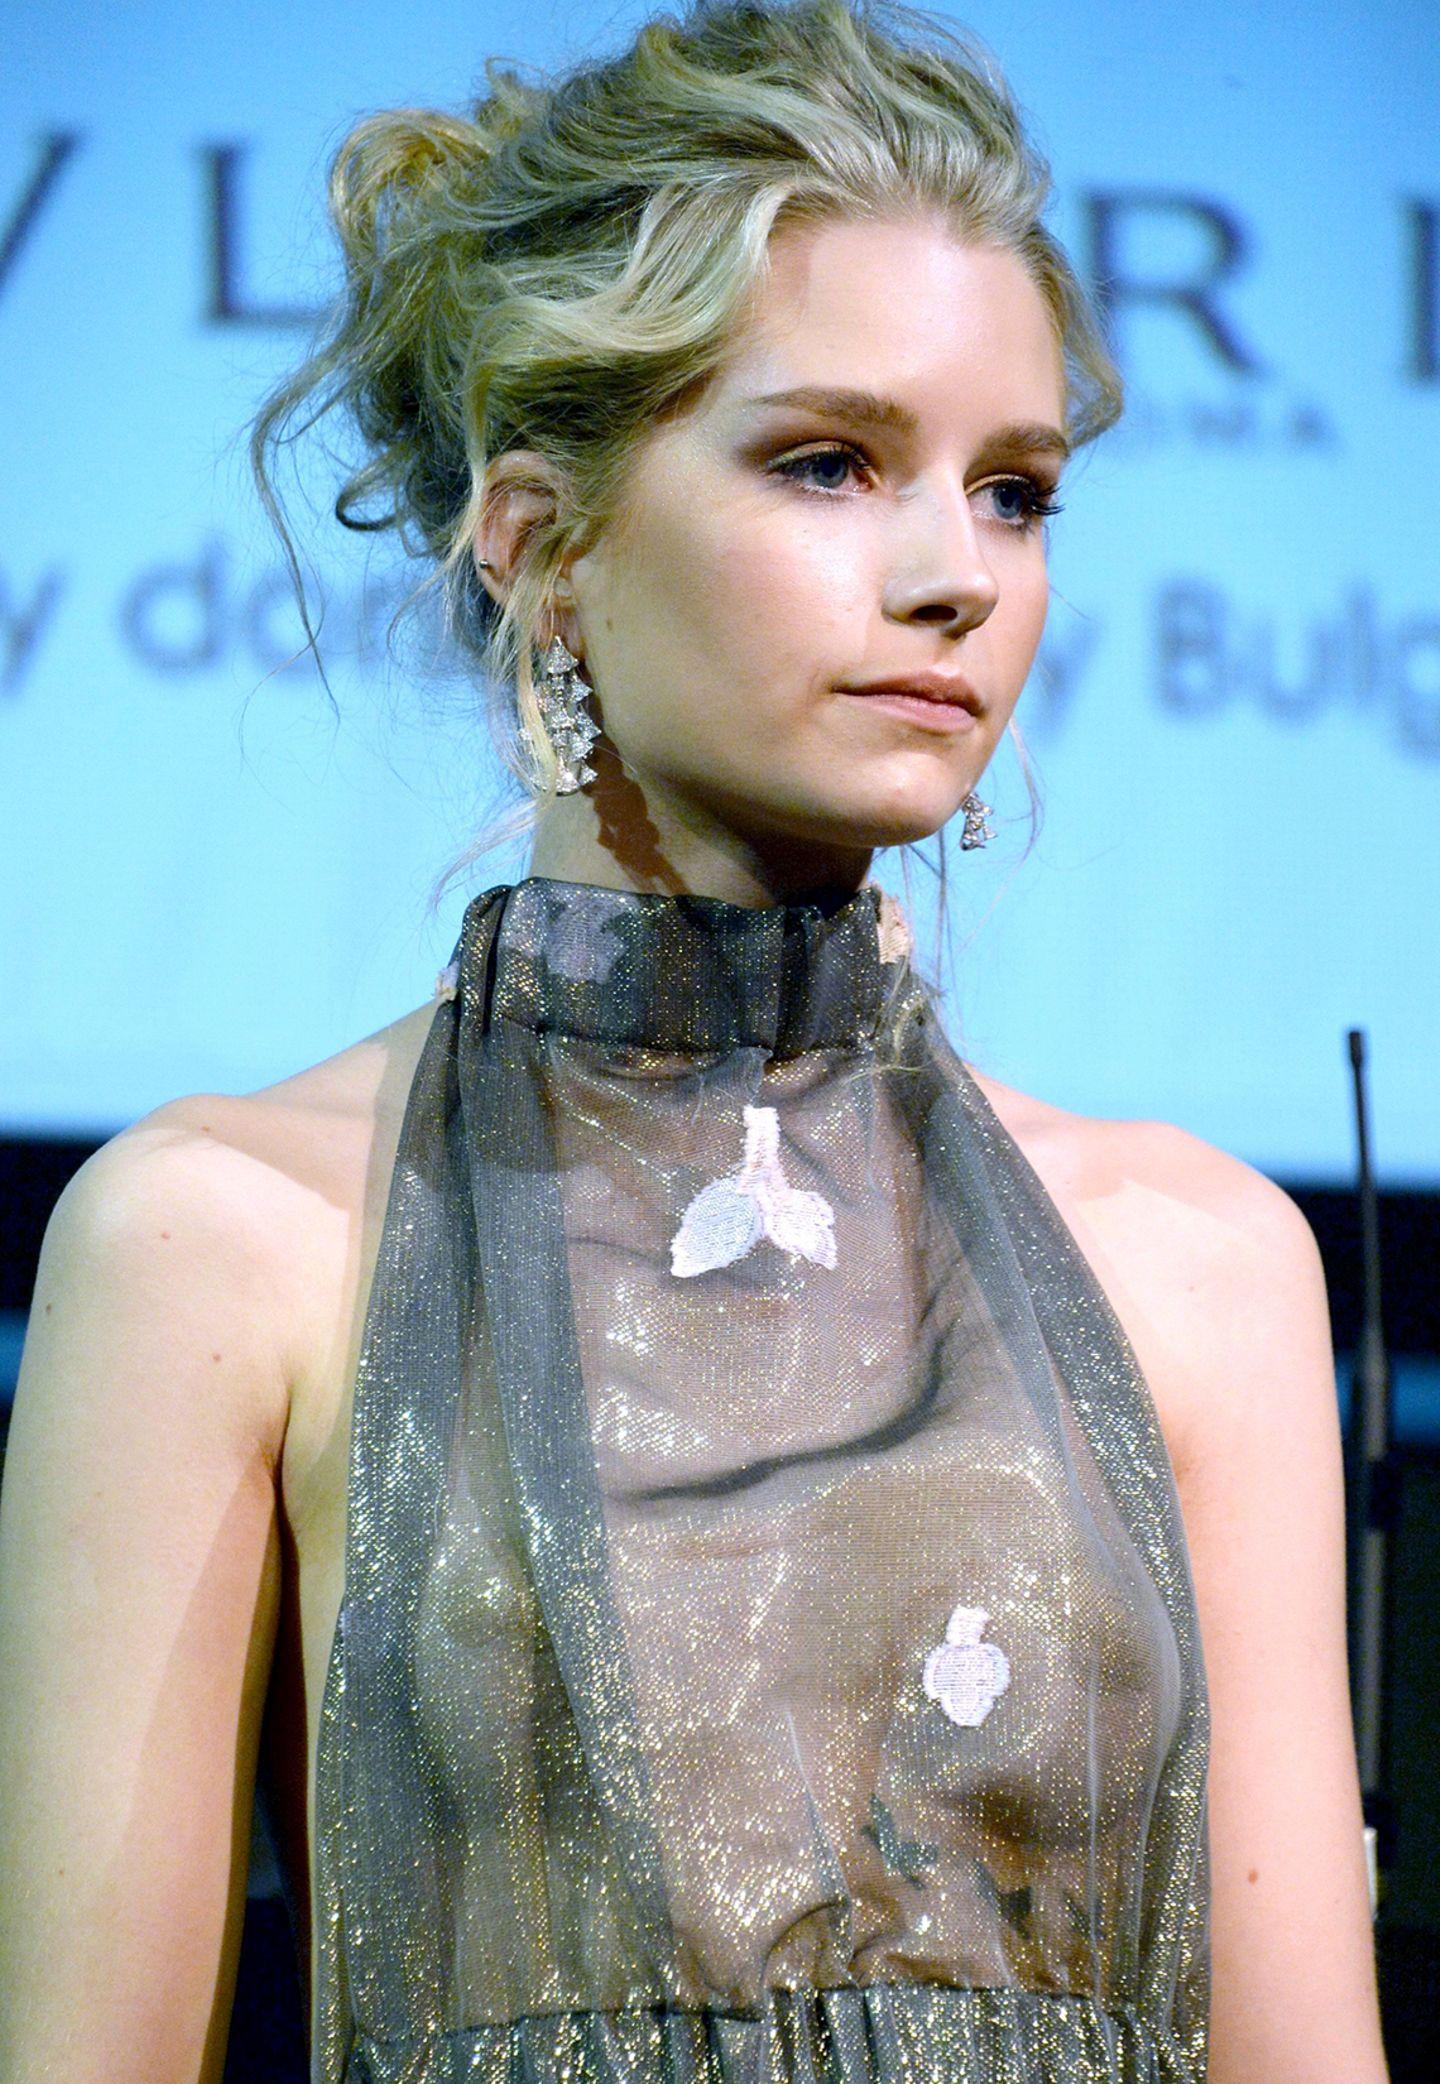 Lotties florales Neckholder-Kleid ist nämlich so durchsichtig, dass die aufgeklebten Nippelpflaster auf ihren Brüsten deutlich zu sehen sind. So deutlich, dass sie sie eigentlich auch gleich hätte ganz weglassen können.